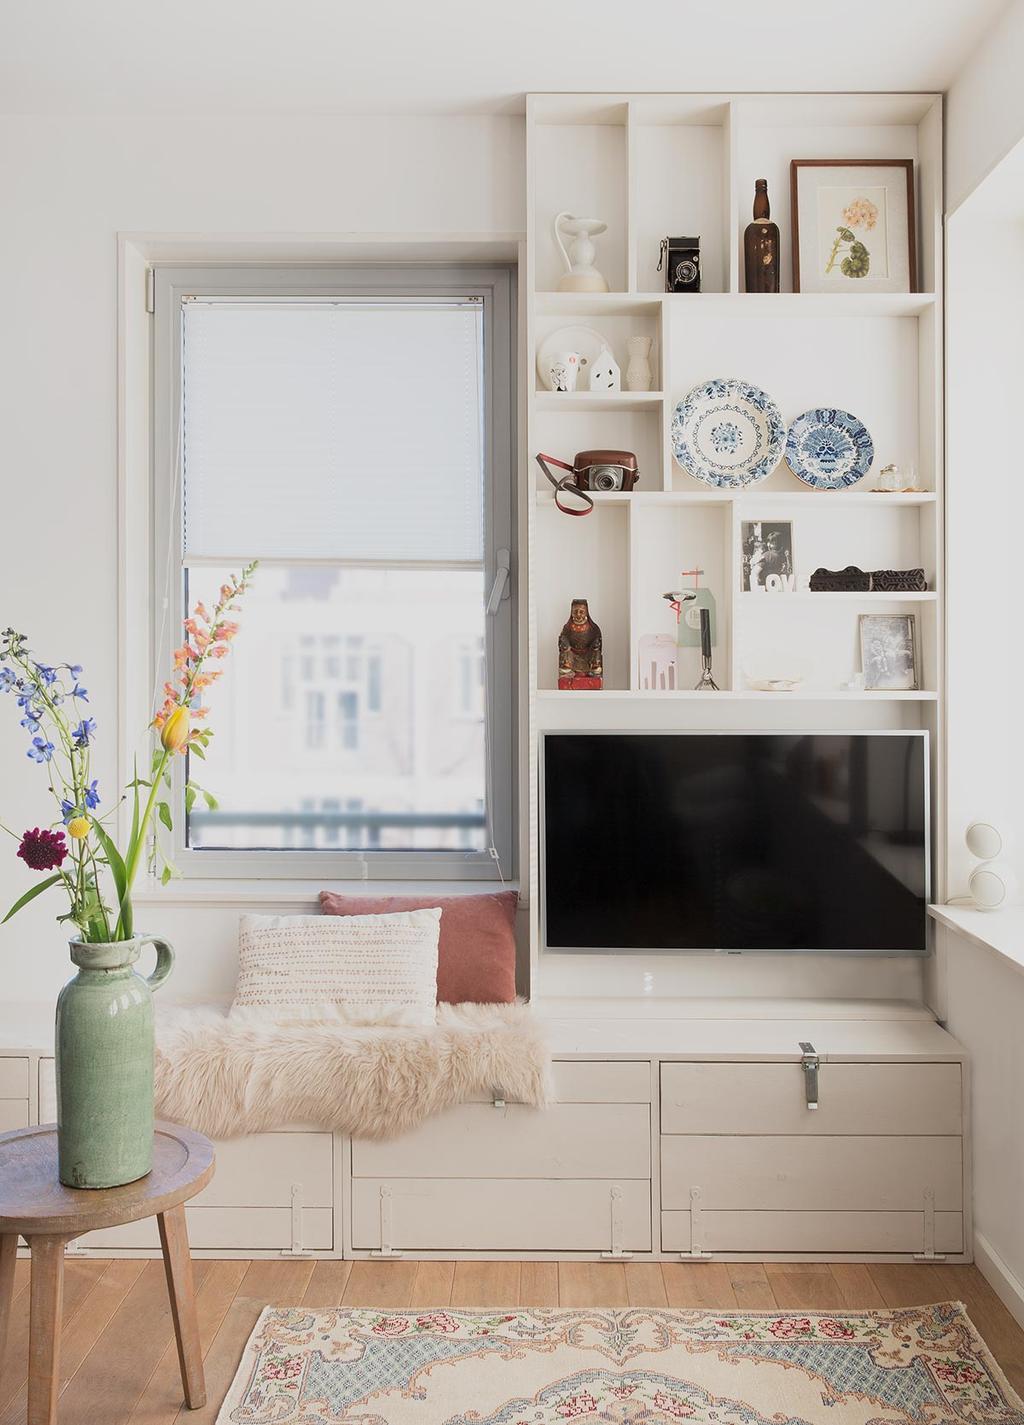 Tv Beugel Voor In Kast.Zo Bepaal Je De Perfecte Plek Voor De Tv In De Woonkamer Vtwonen